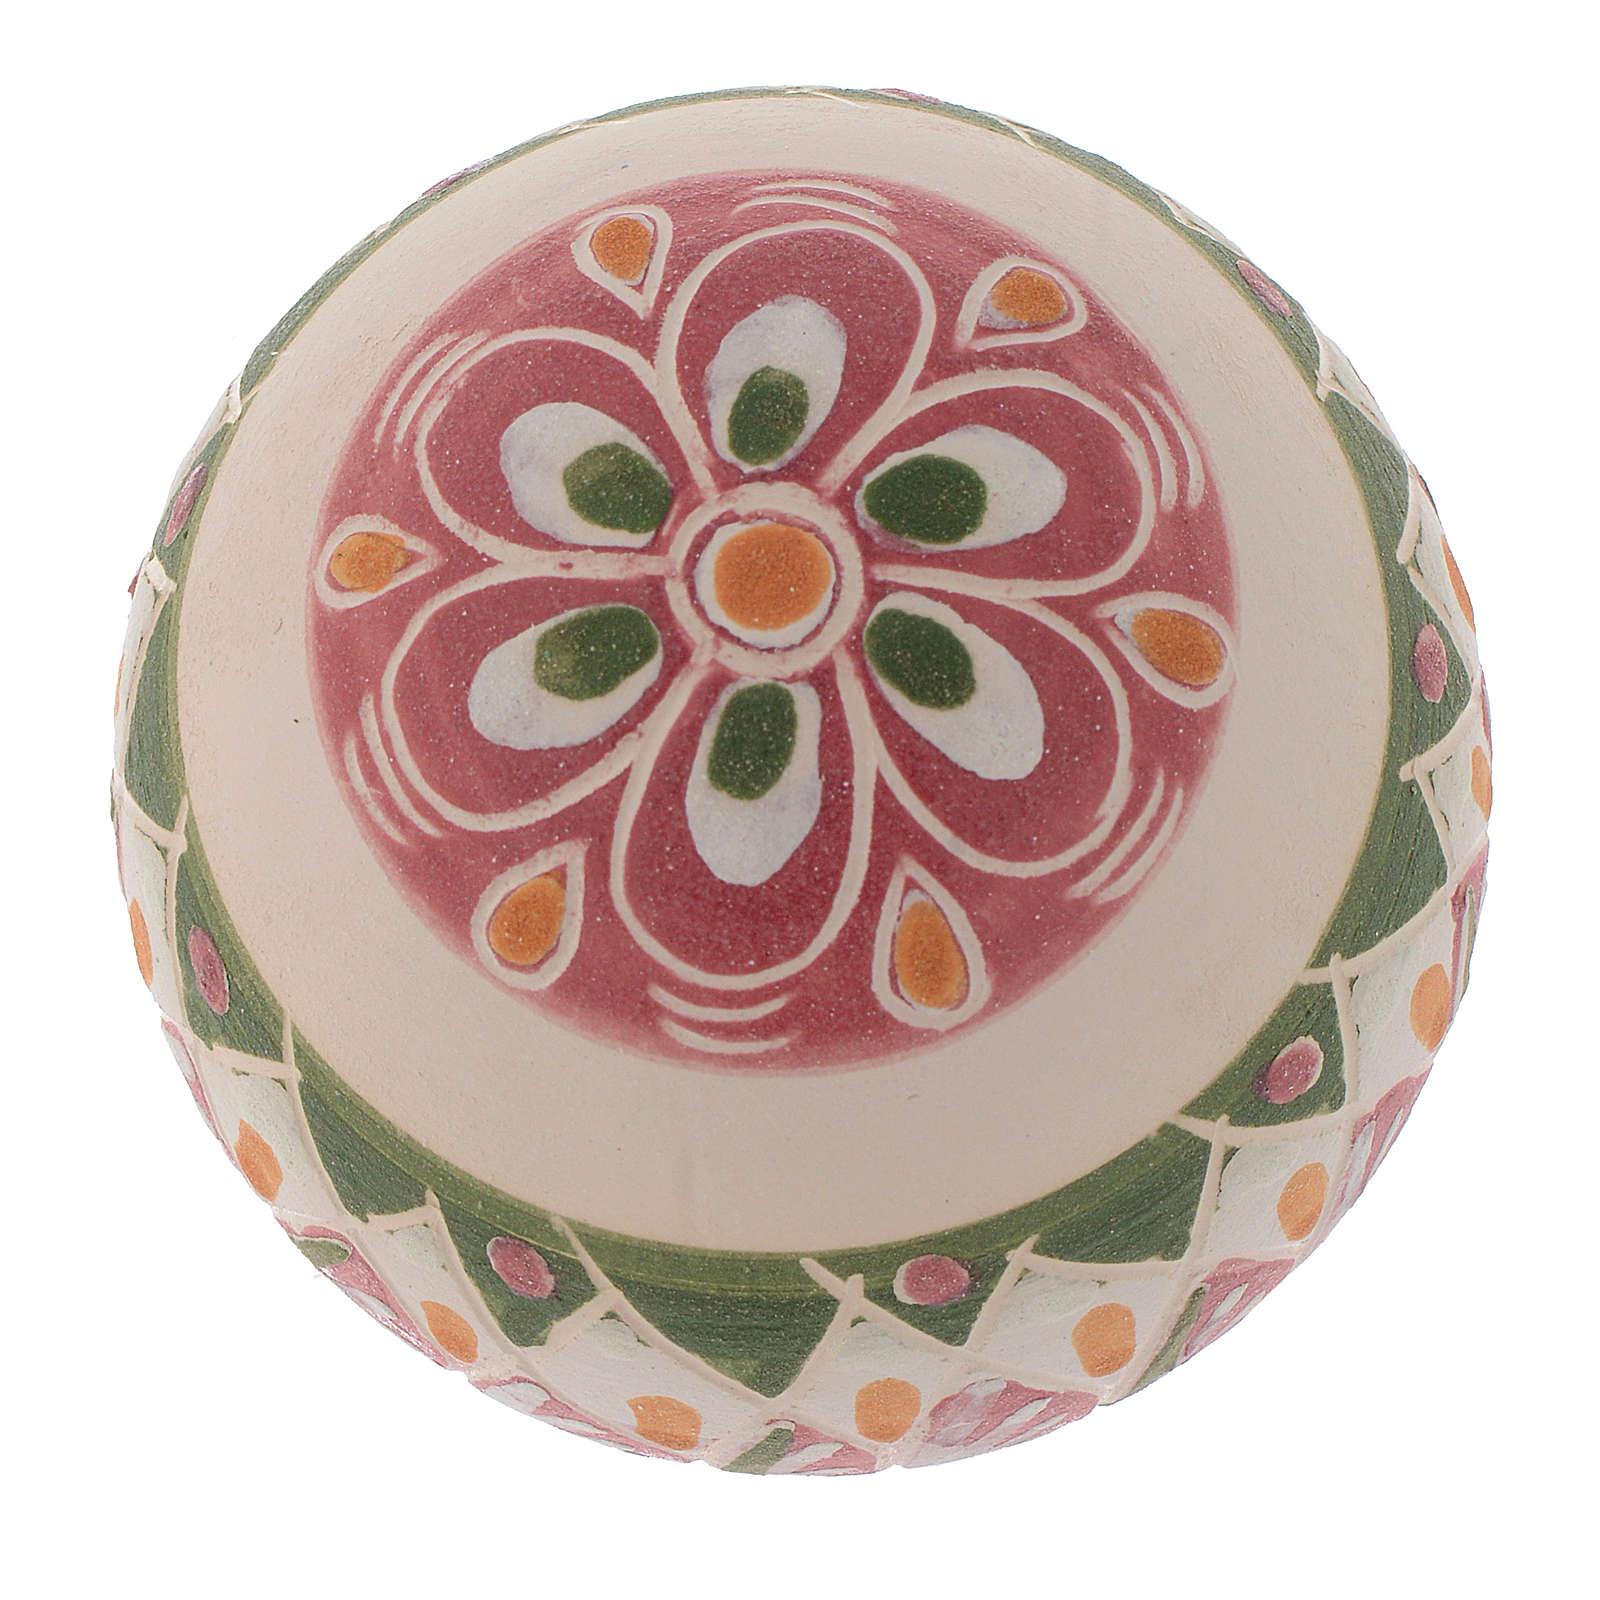 boule de no l en terre cuite 60 mm vieux rose vente en ligne sur holyart. Black Bedroom Furniture Sets. Home Design Ideas